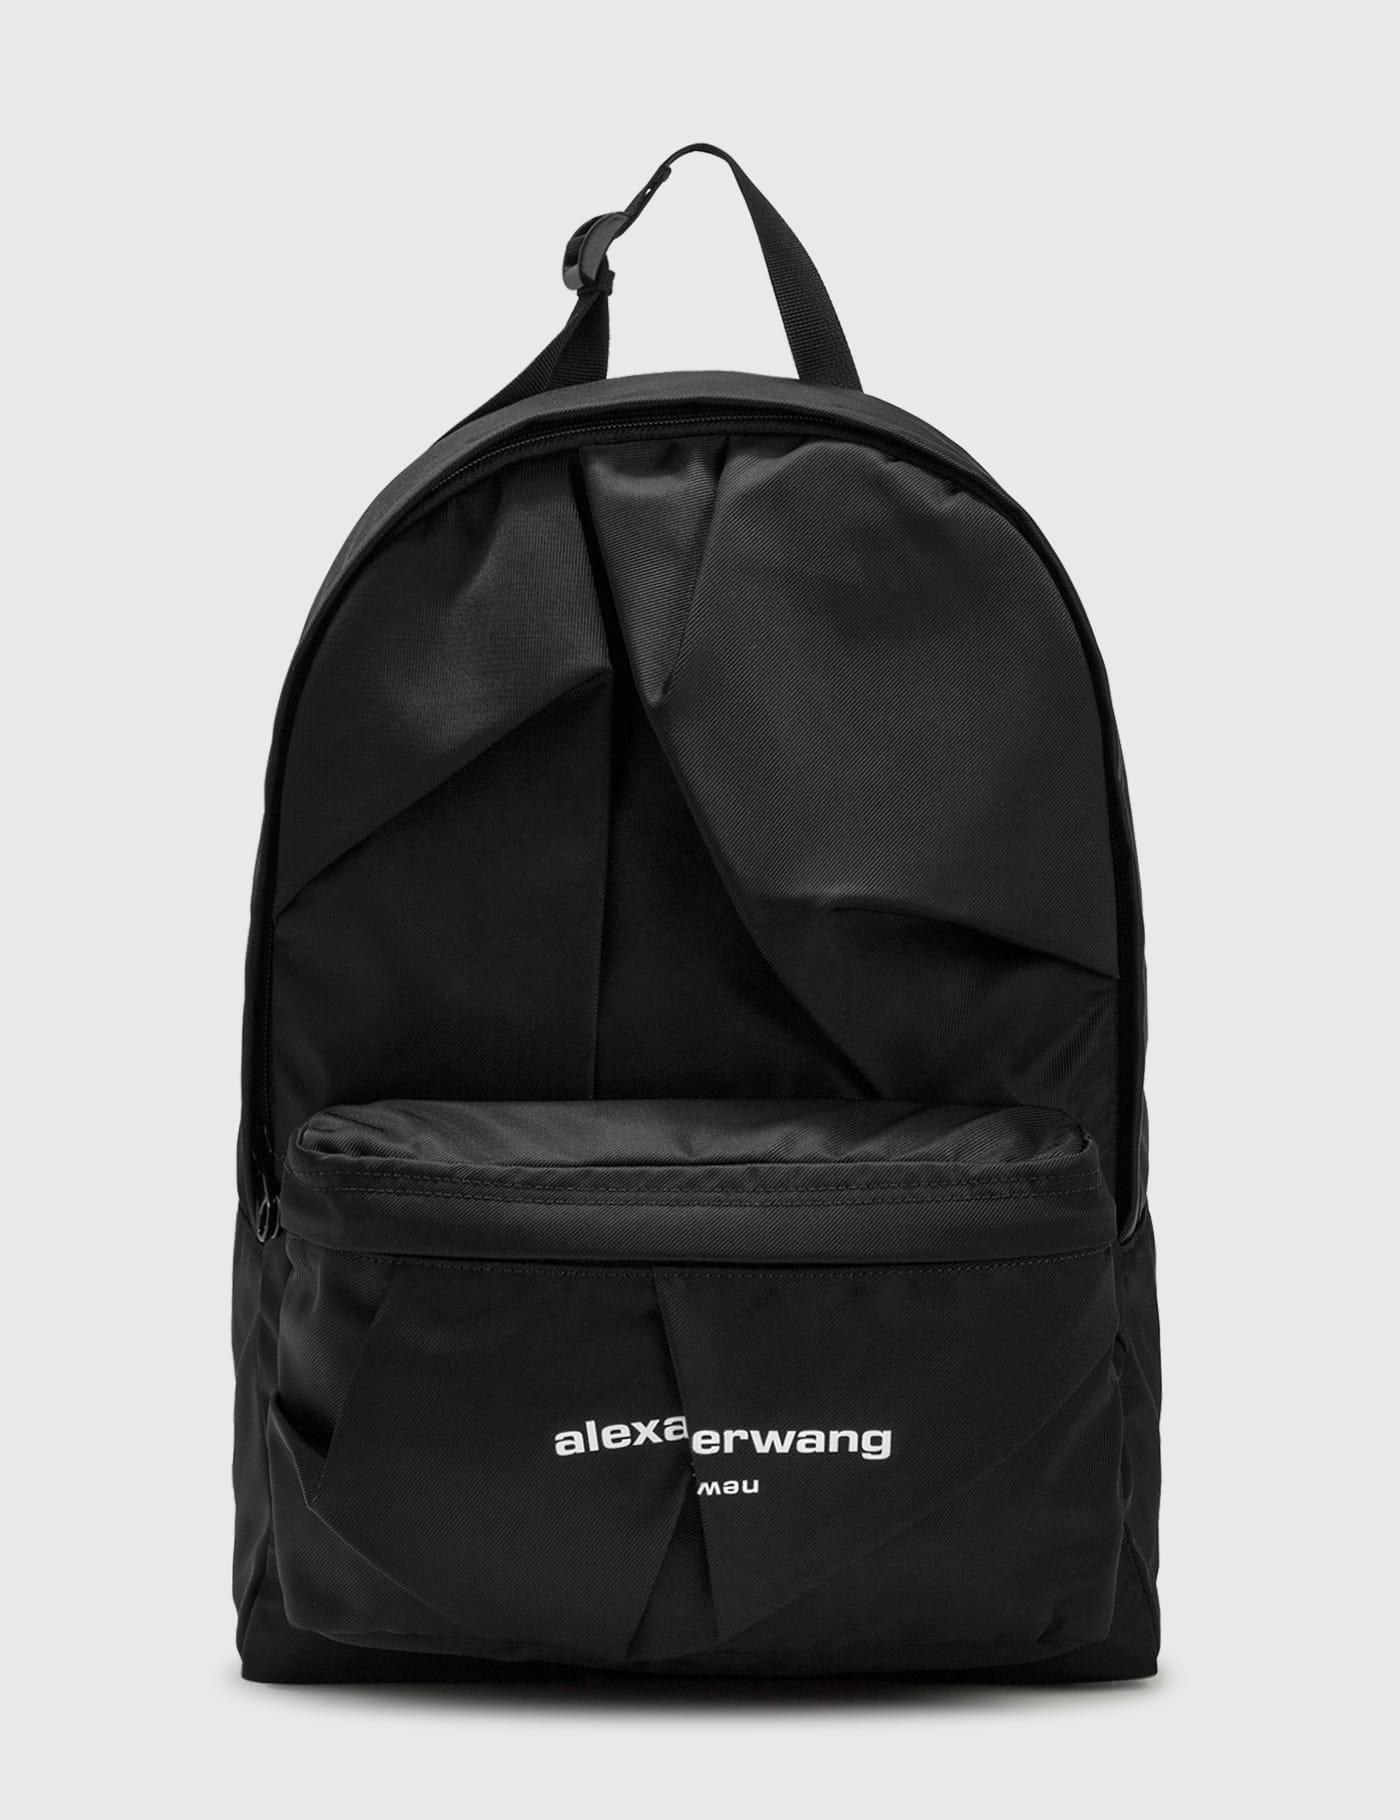 Wangsport Backpack